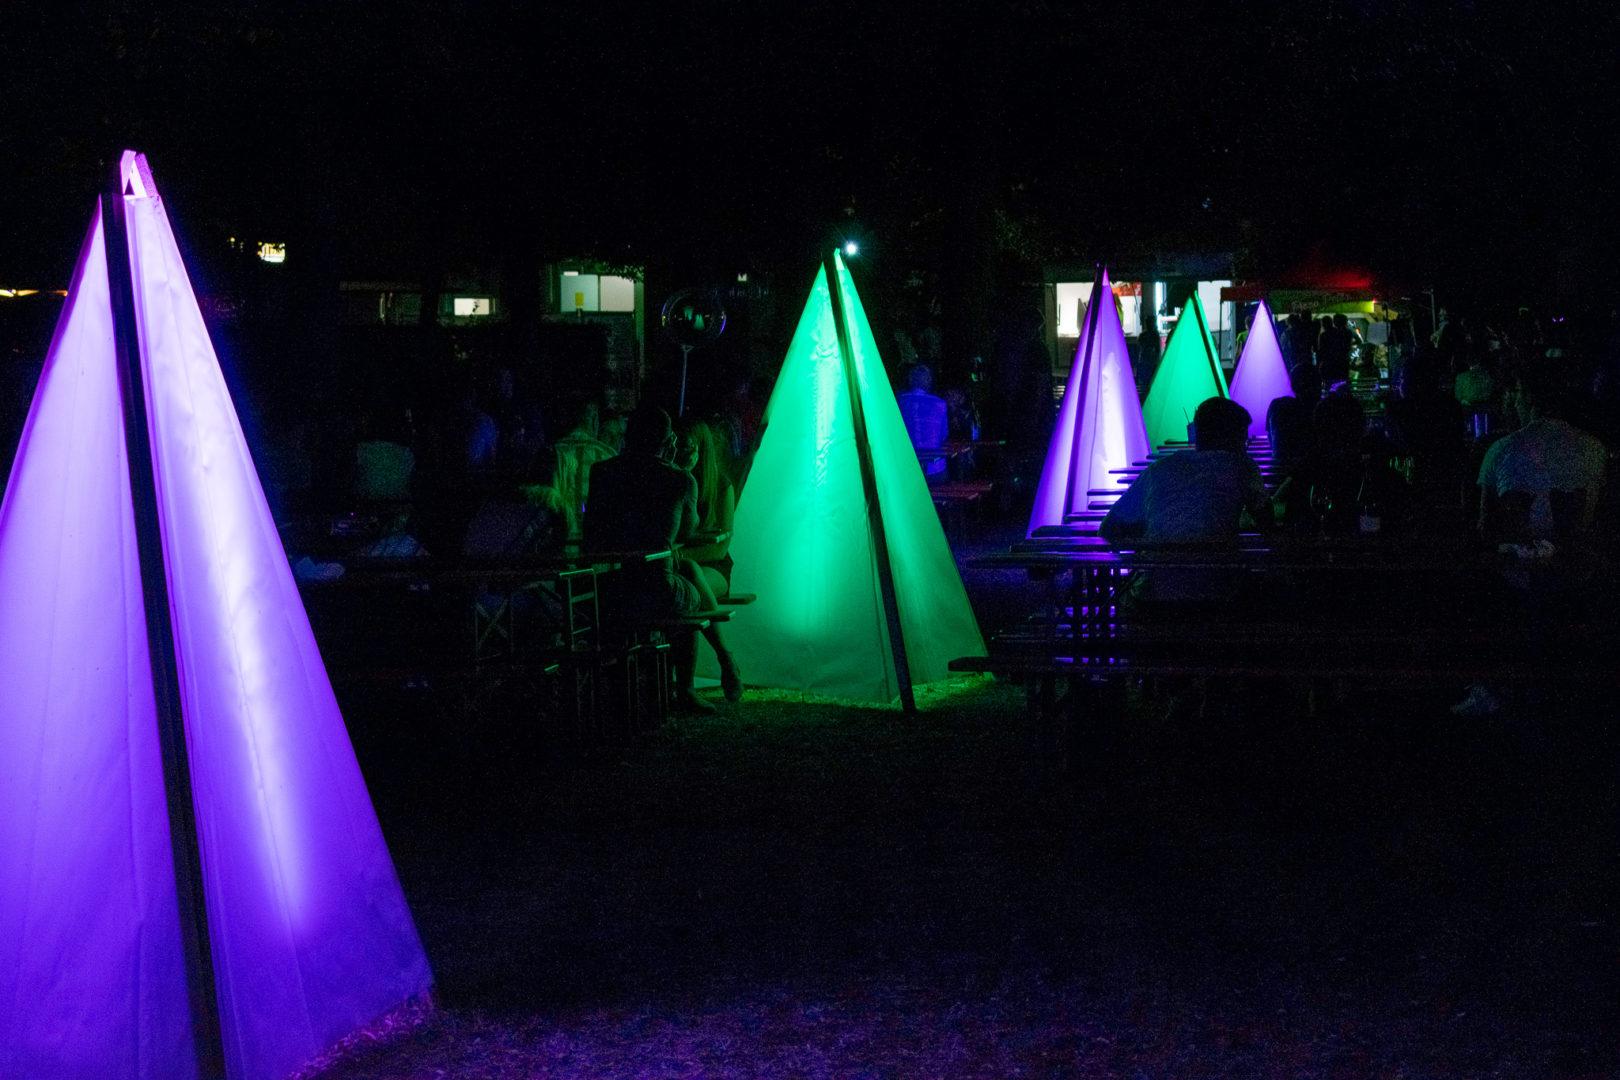 Illuminationen im Park der Eremitage